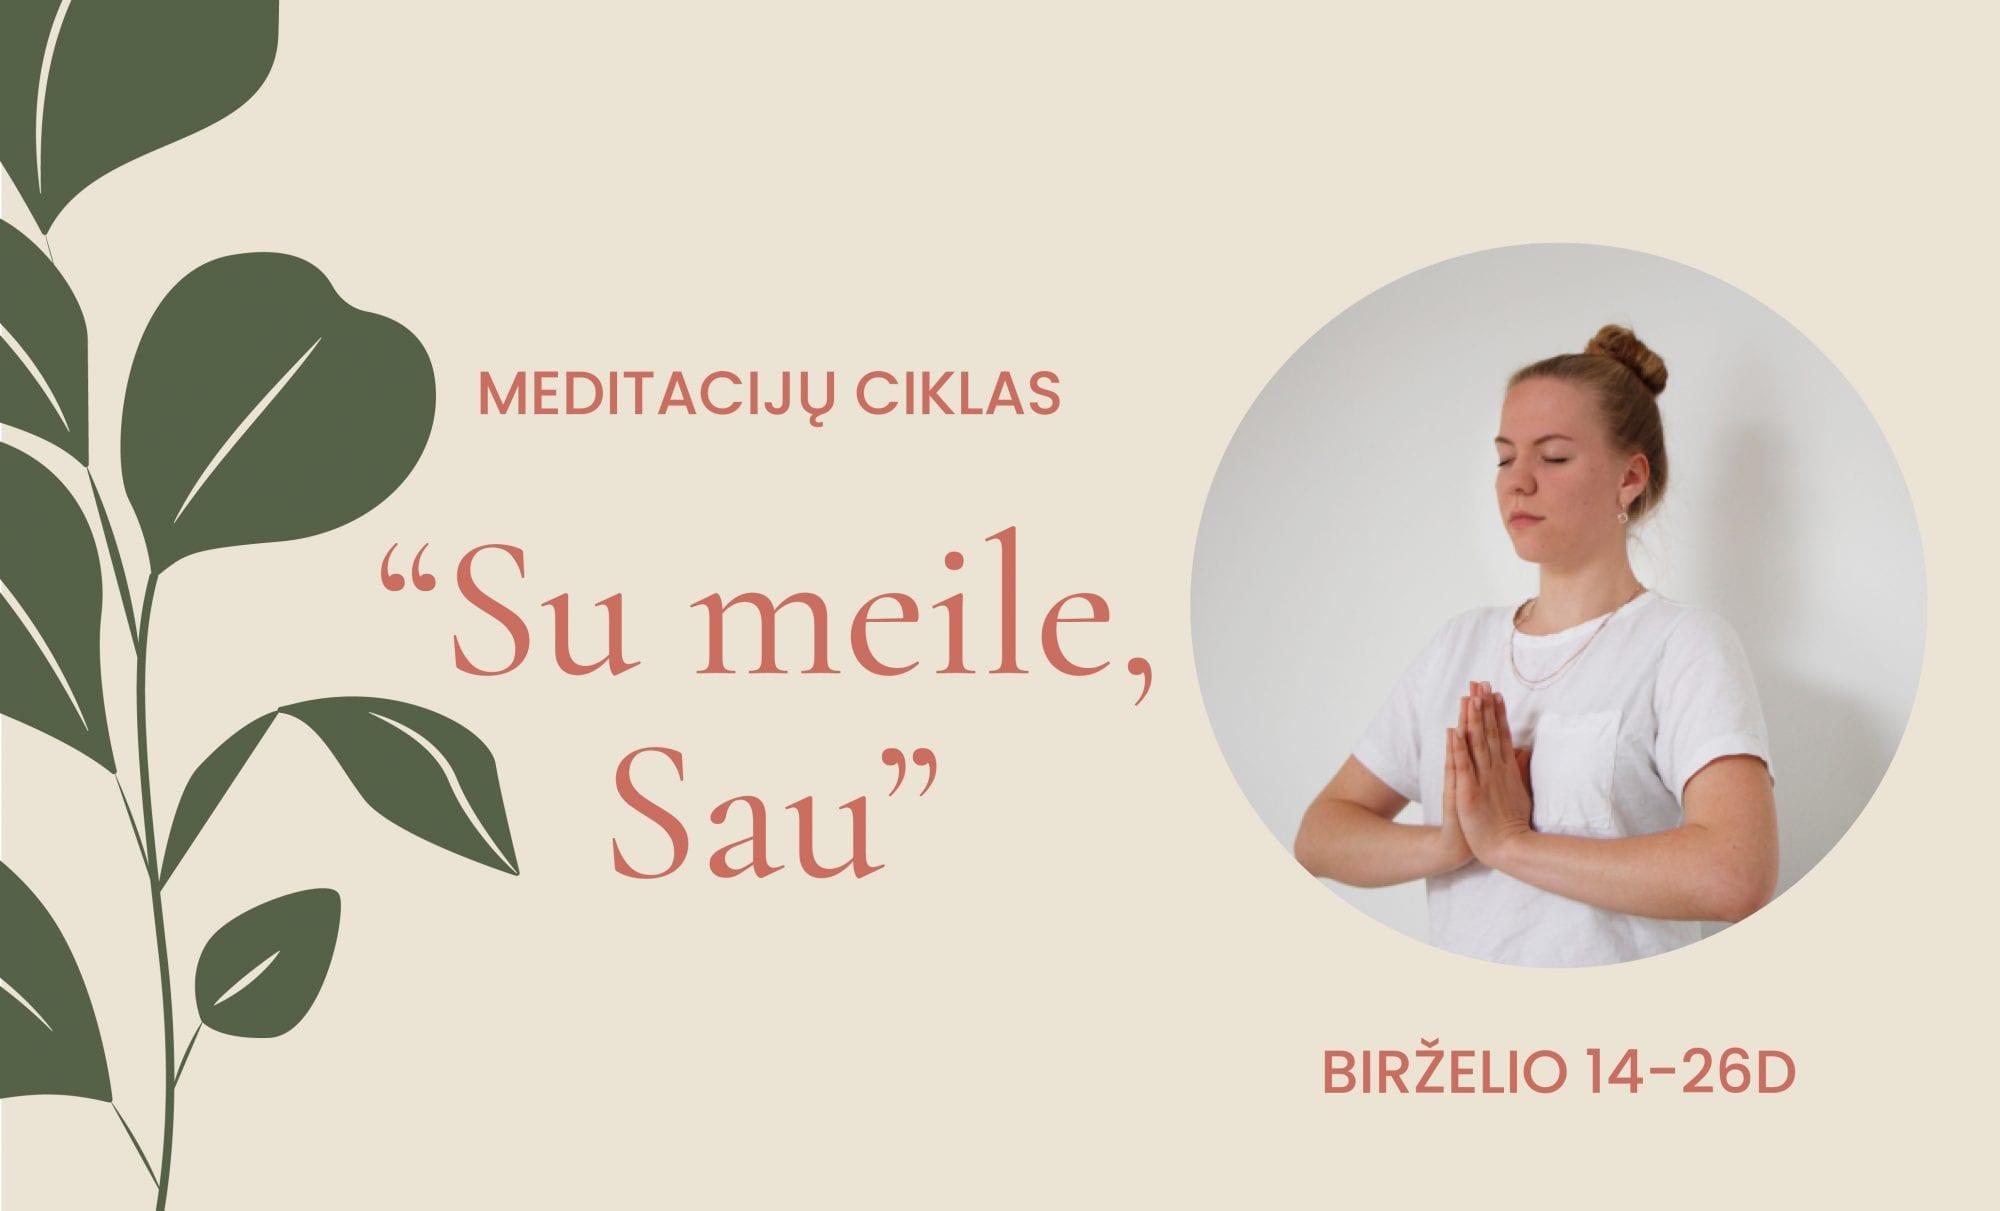 """Meditacijų ciklas """"Su meile, Sau"""""""